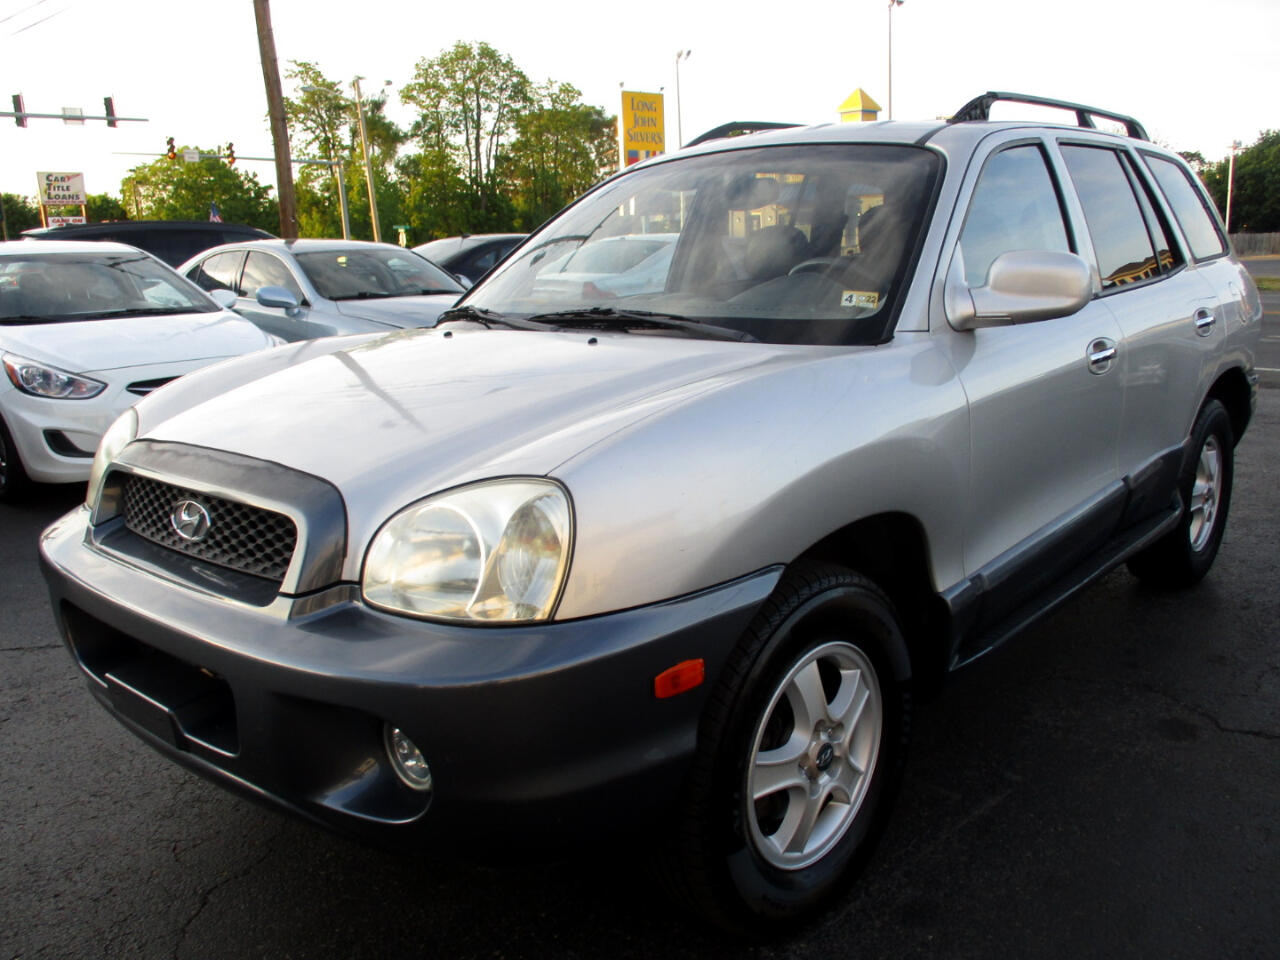 Hyundai Santa Fe 4dr GLS 2WD Auto 3.5L V6 2003